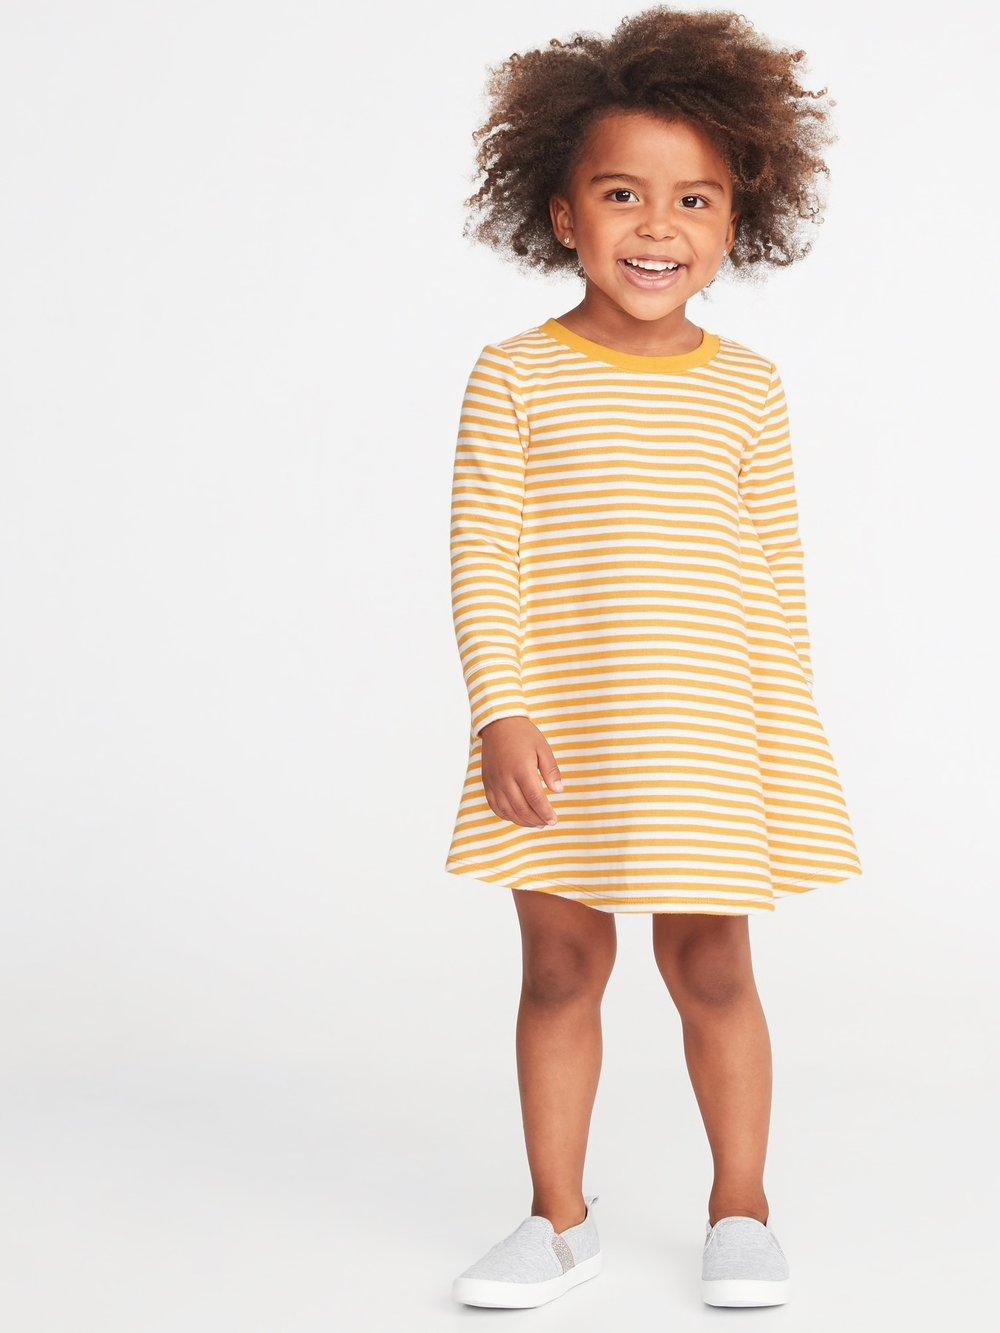 toddler yellow dress.jpg